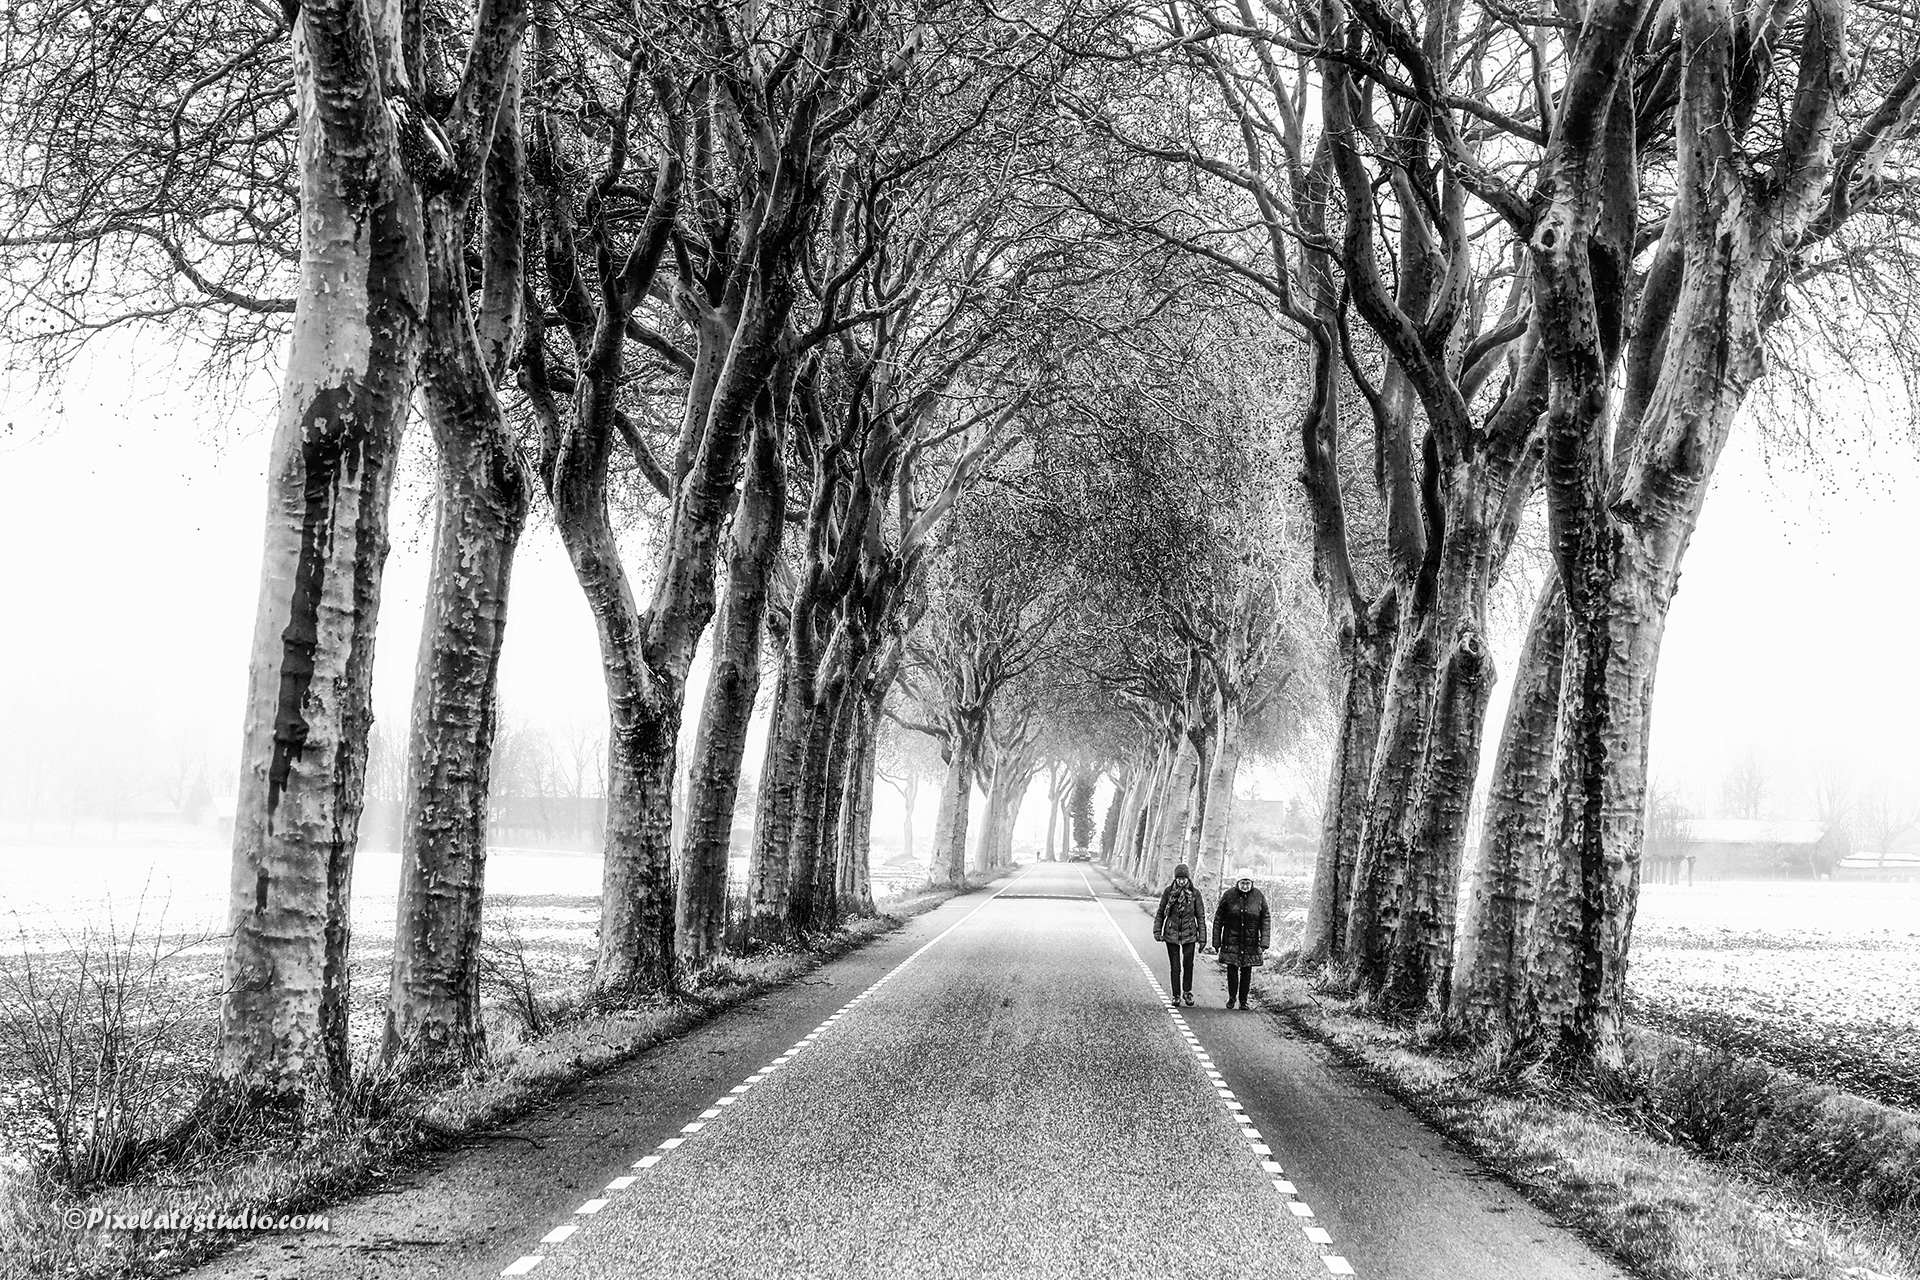 Rij met hoge bomen, weg met hoge bomen met twee wandelaars